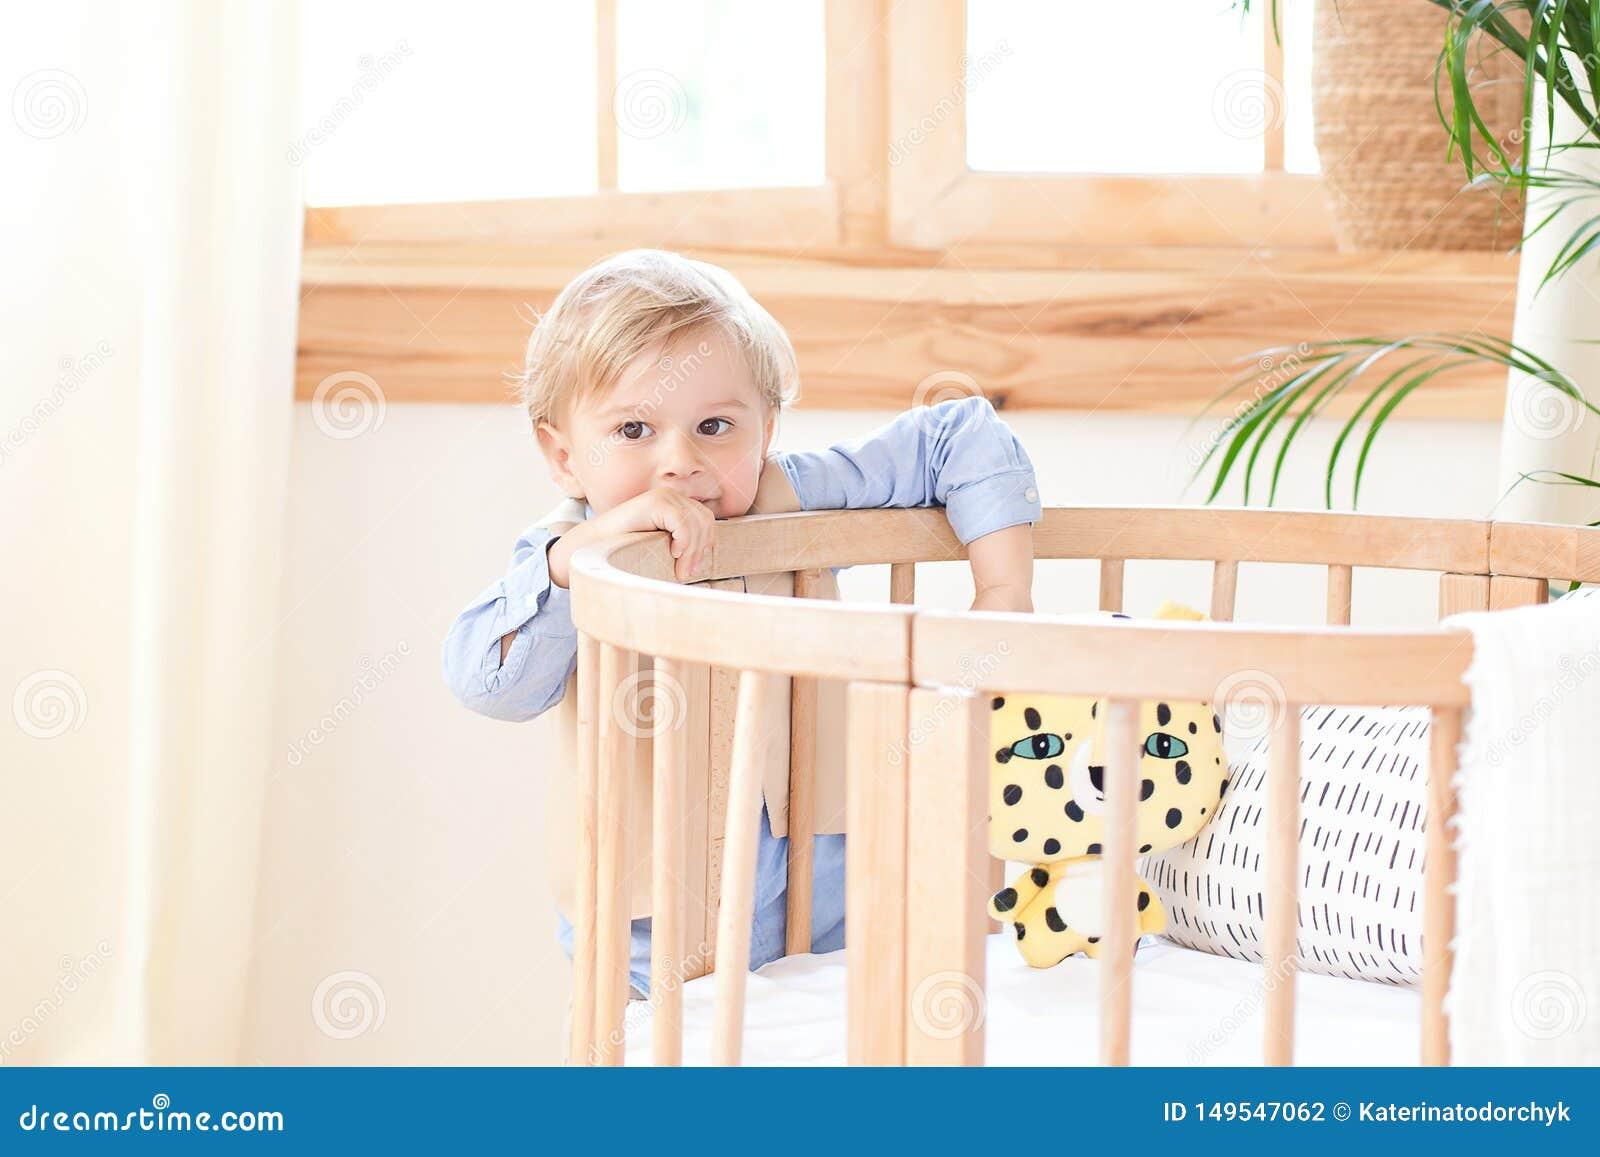 男孩在托儿所站立单独在一个轻便小床旁边 孤独的婴孩在幼儿园在小儿床附近 ?? 环境友好的孩子的